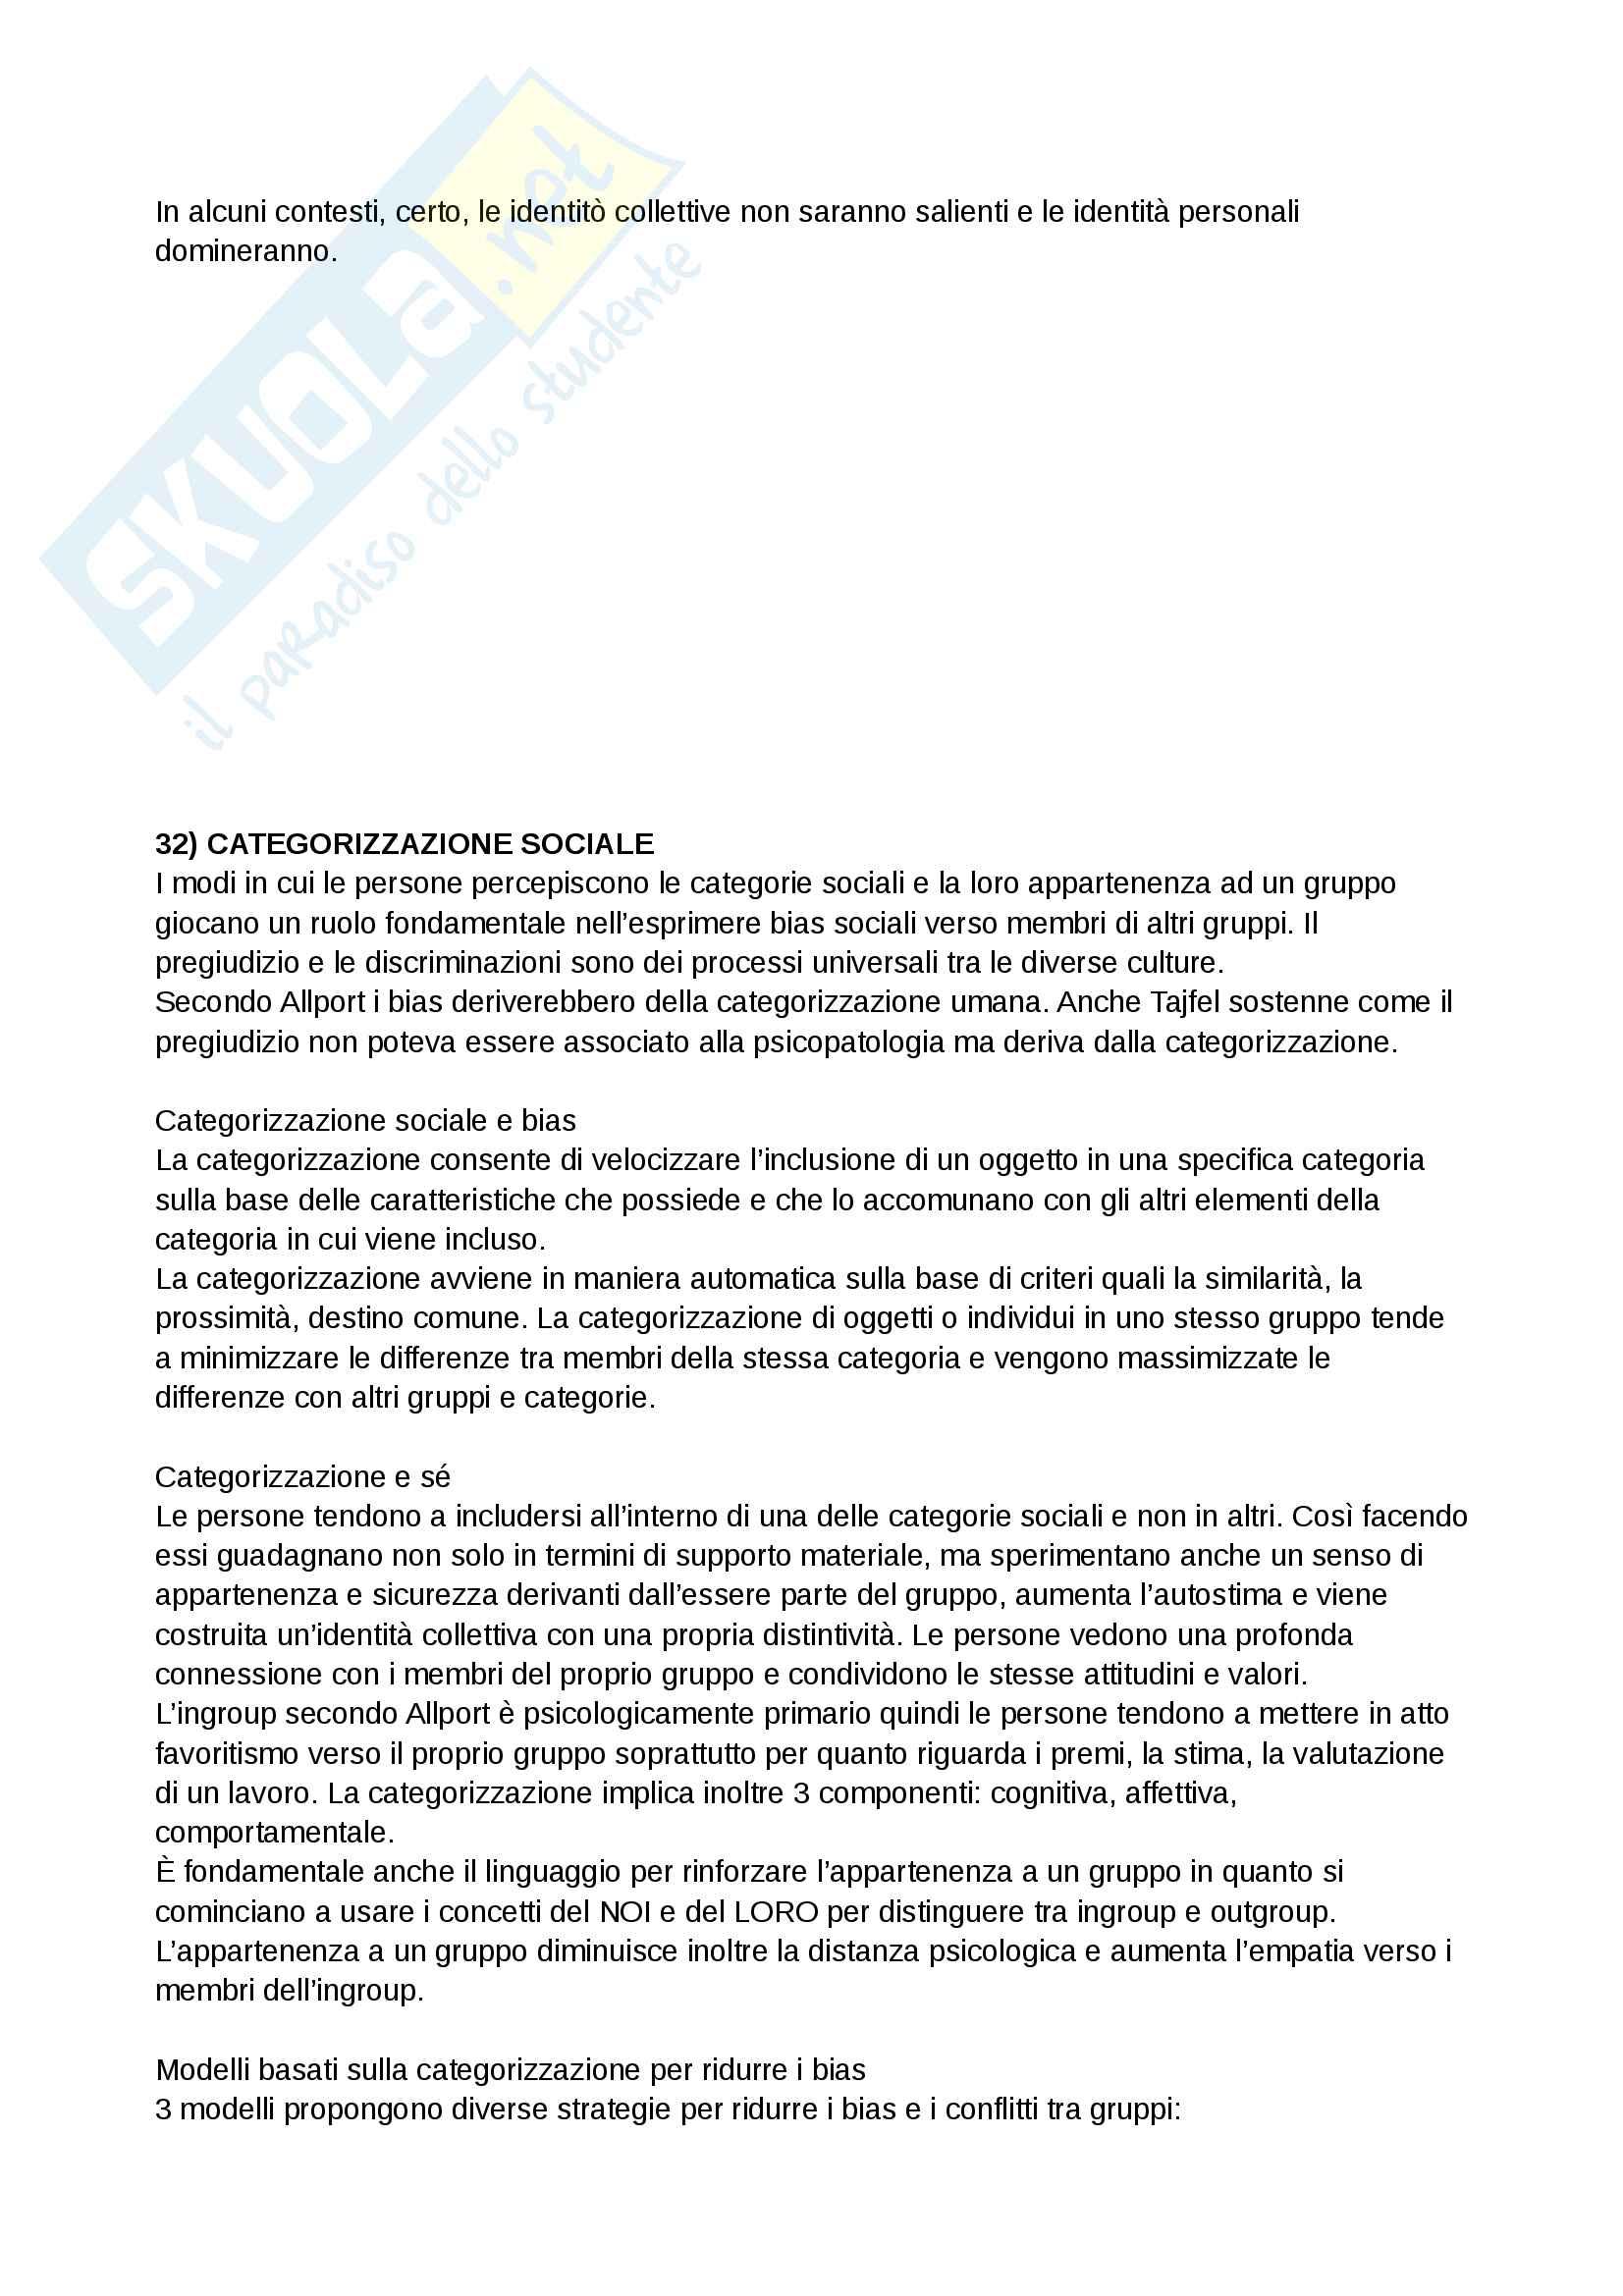 Riassunto esame e Appunti completi di Psicologia Sociale: corso avanzato per l'esame della Prof. Sacchi su Pregiudizio, Stereotipo, Discriminazione Bicocca Pag. 46